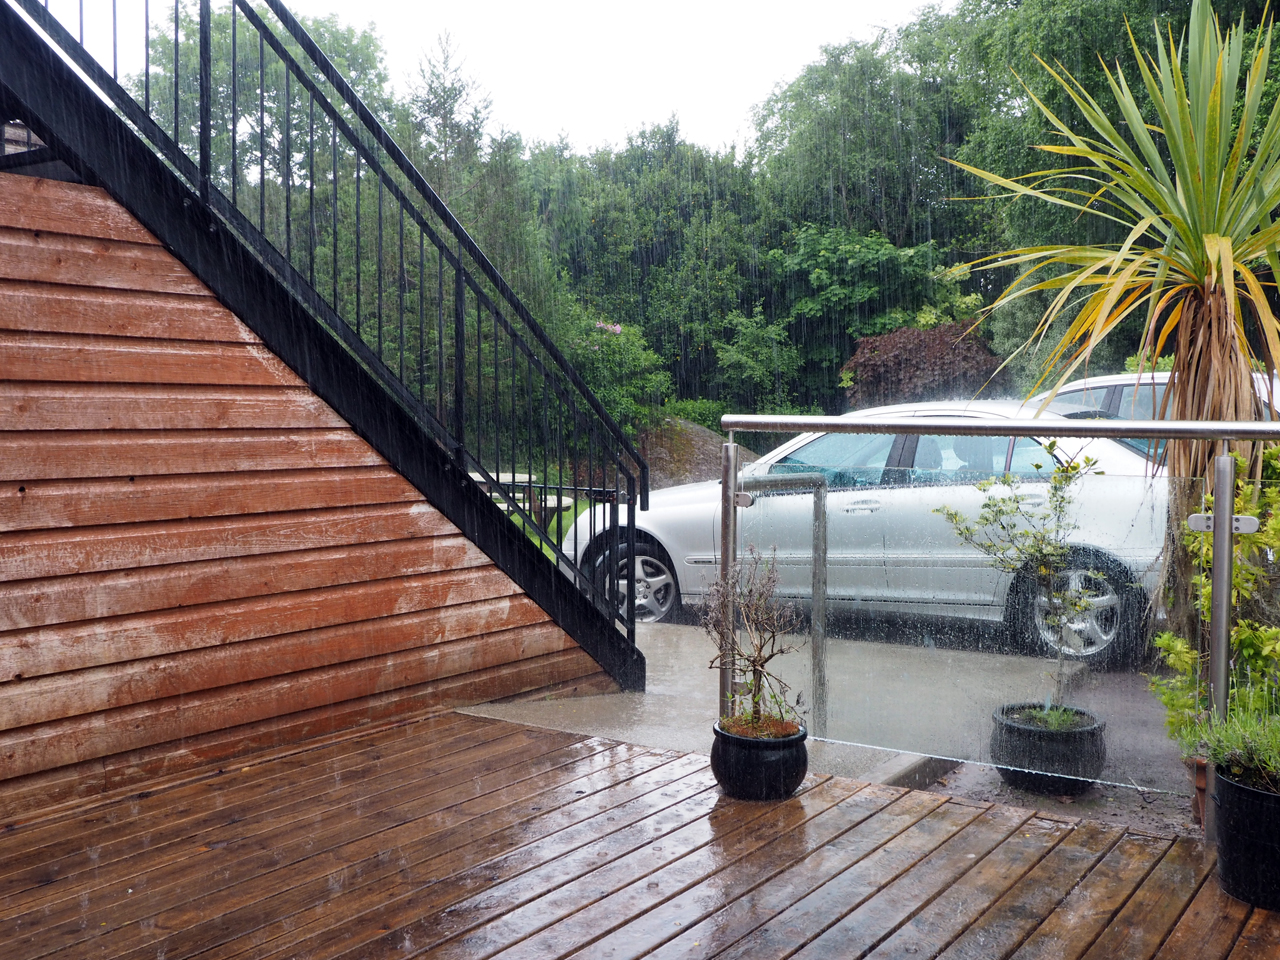 Even inschuiven, het regent pijpenstelen